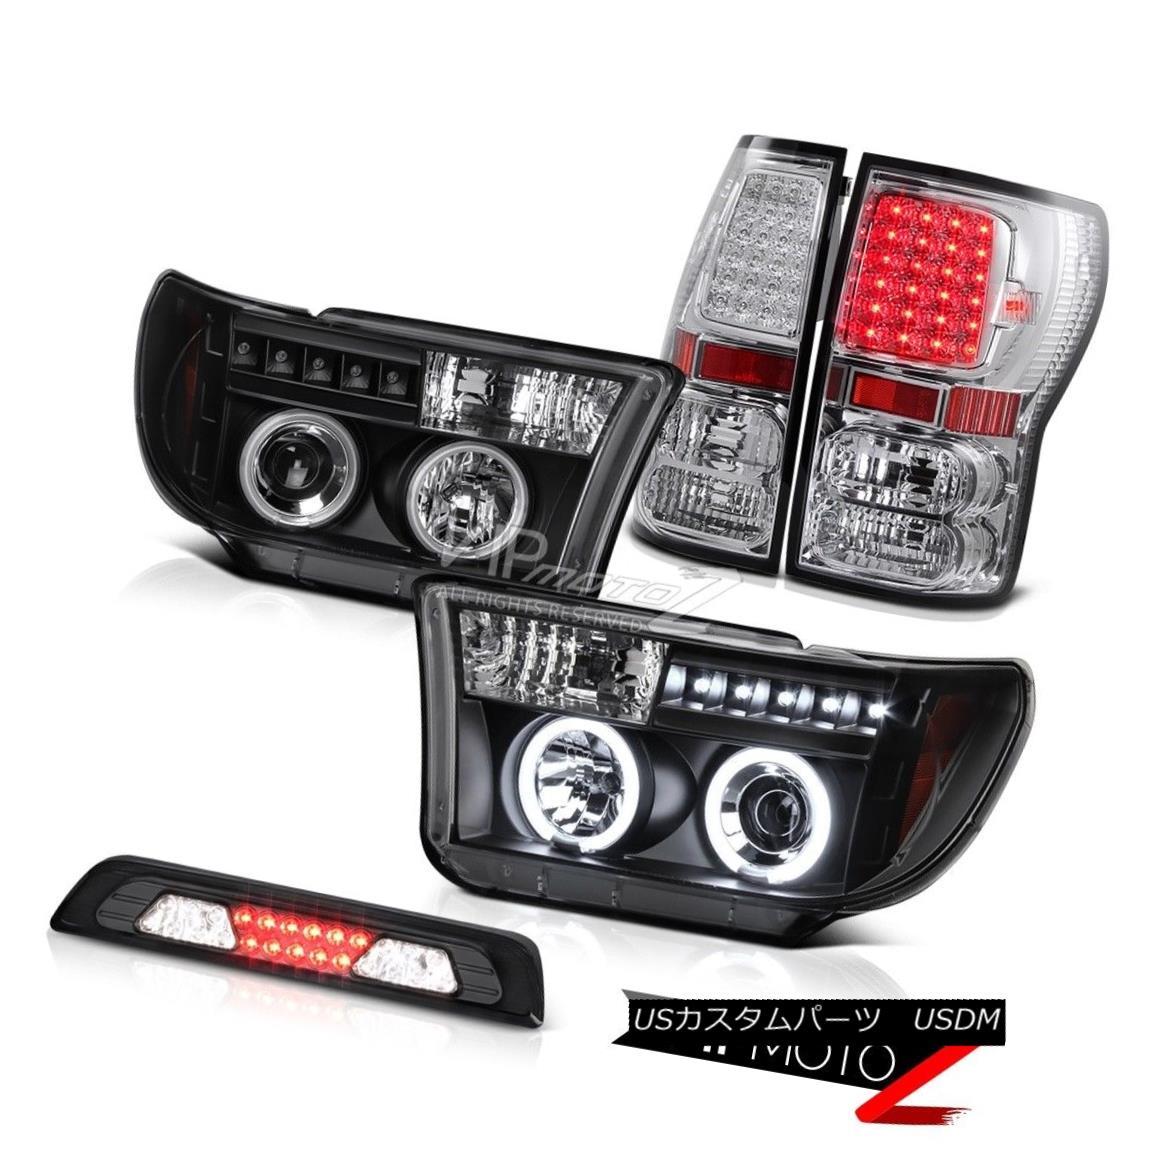 テールライト 07-13 Toyota Tundra SR5 Third Brake Light Tail Lamps Raven Black Headlamps SMD 07-13トヨタトンドラSR5第3ブレーキライトテールランプレーブブラックヘッドランプSMD